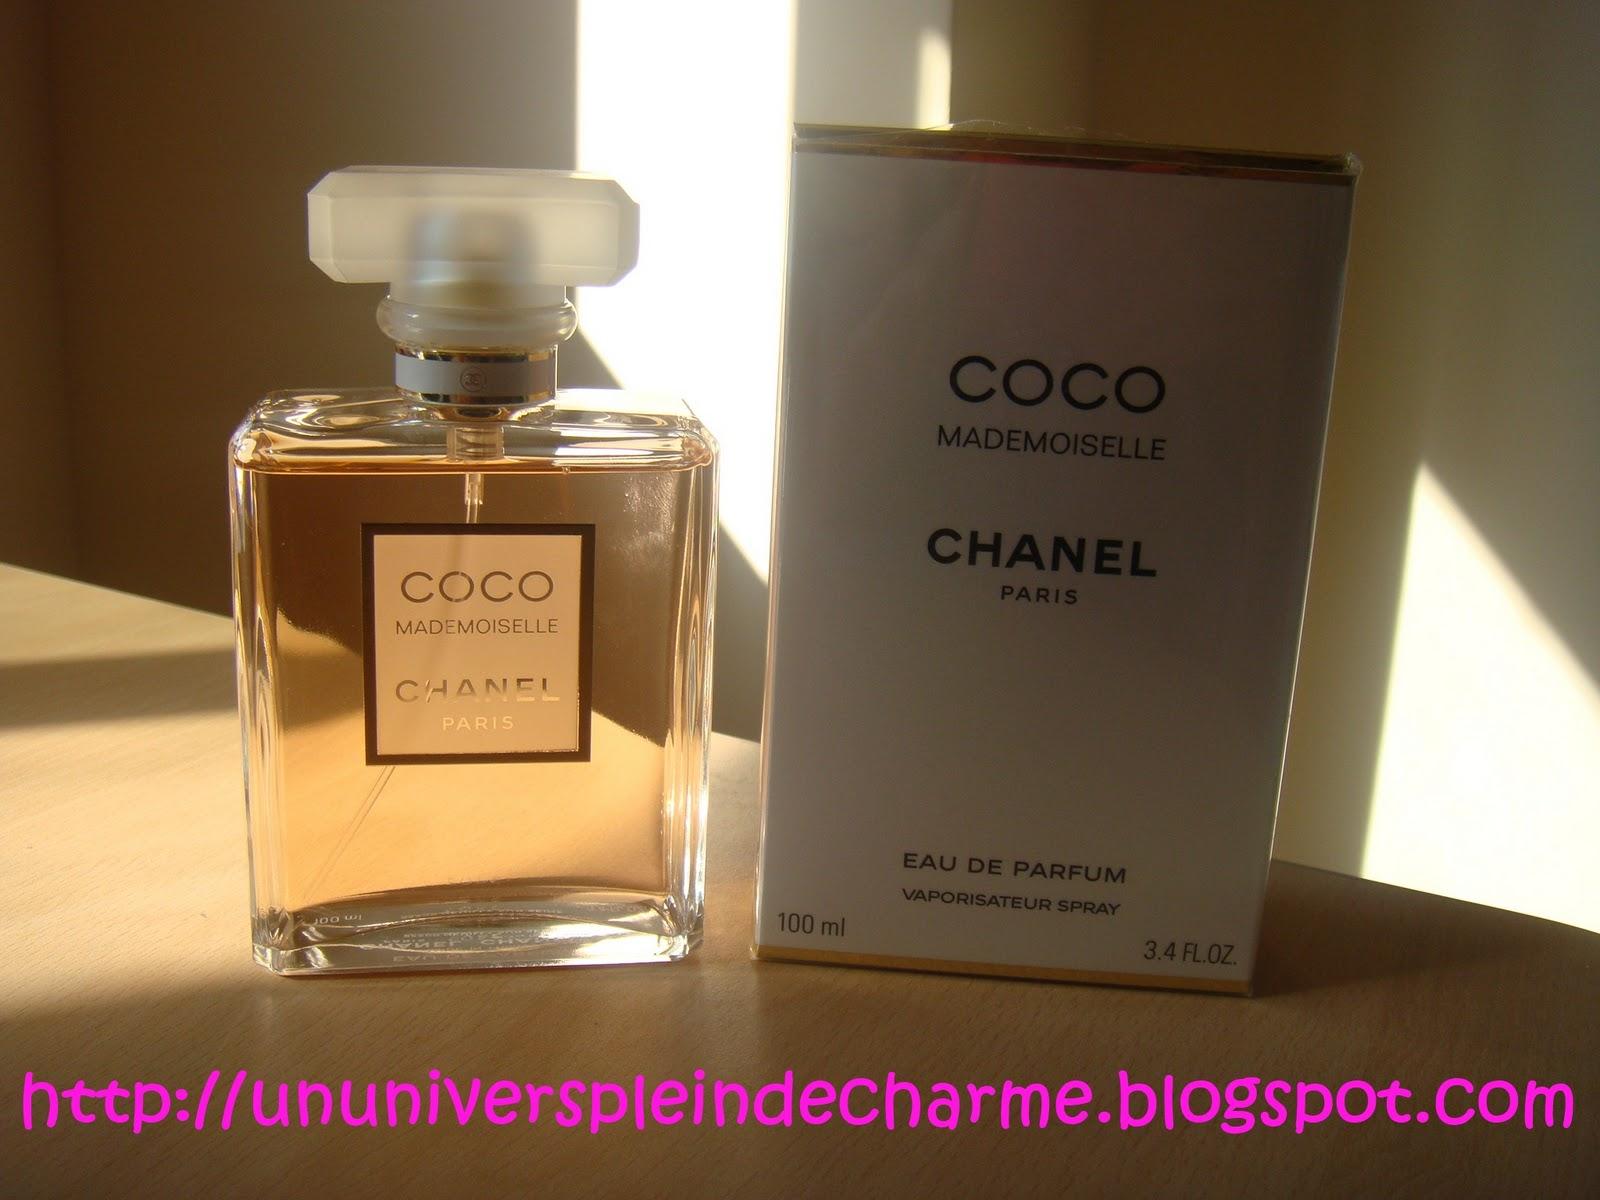 e8943d3ca Su creador fue Jacques Polge, que con 'Coco Mademoiselle' quiso crear un  perfume como homenaje a la contrastada personalidad de Coco Chanel y, a la  vez, ...